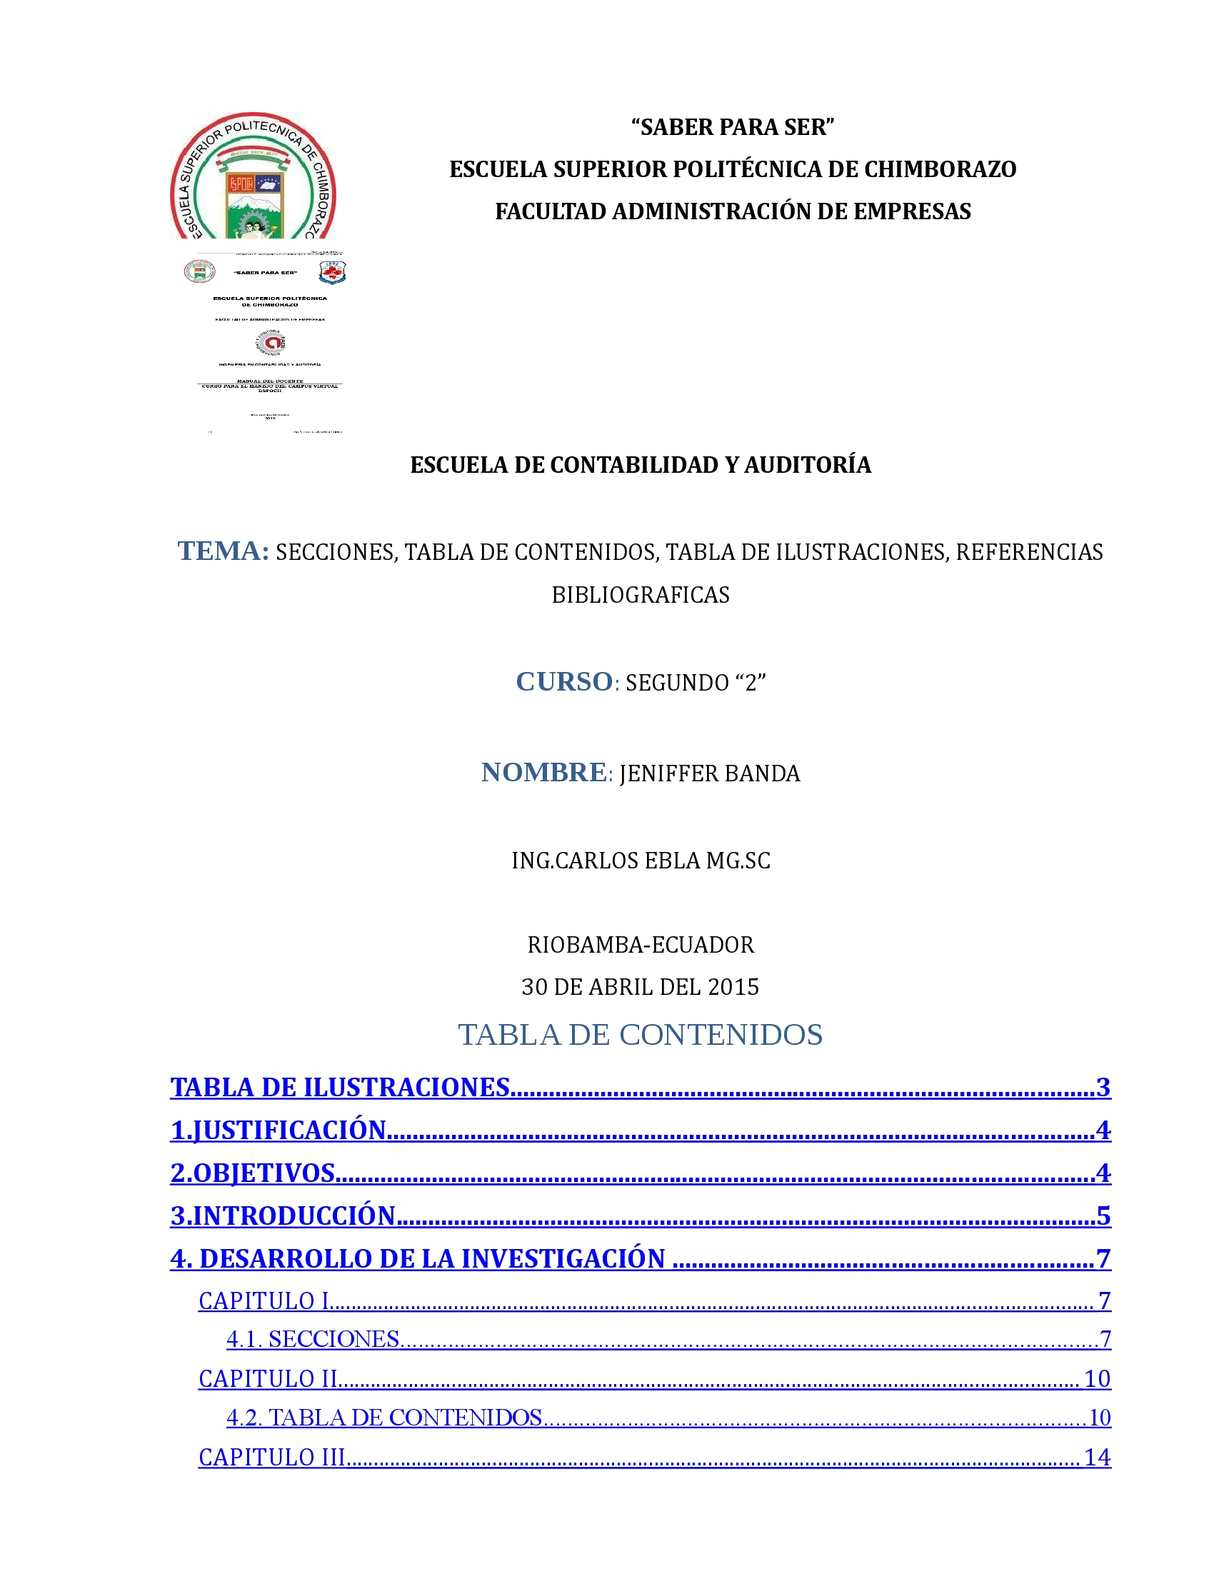 Secciones, Tabla De Contenidos, Tabla De Ilustraciones, Referencias Bibliograficas